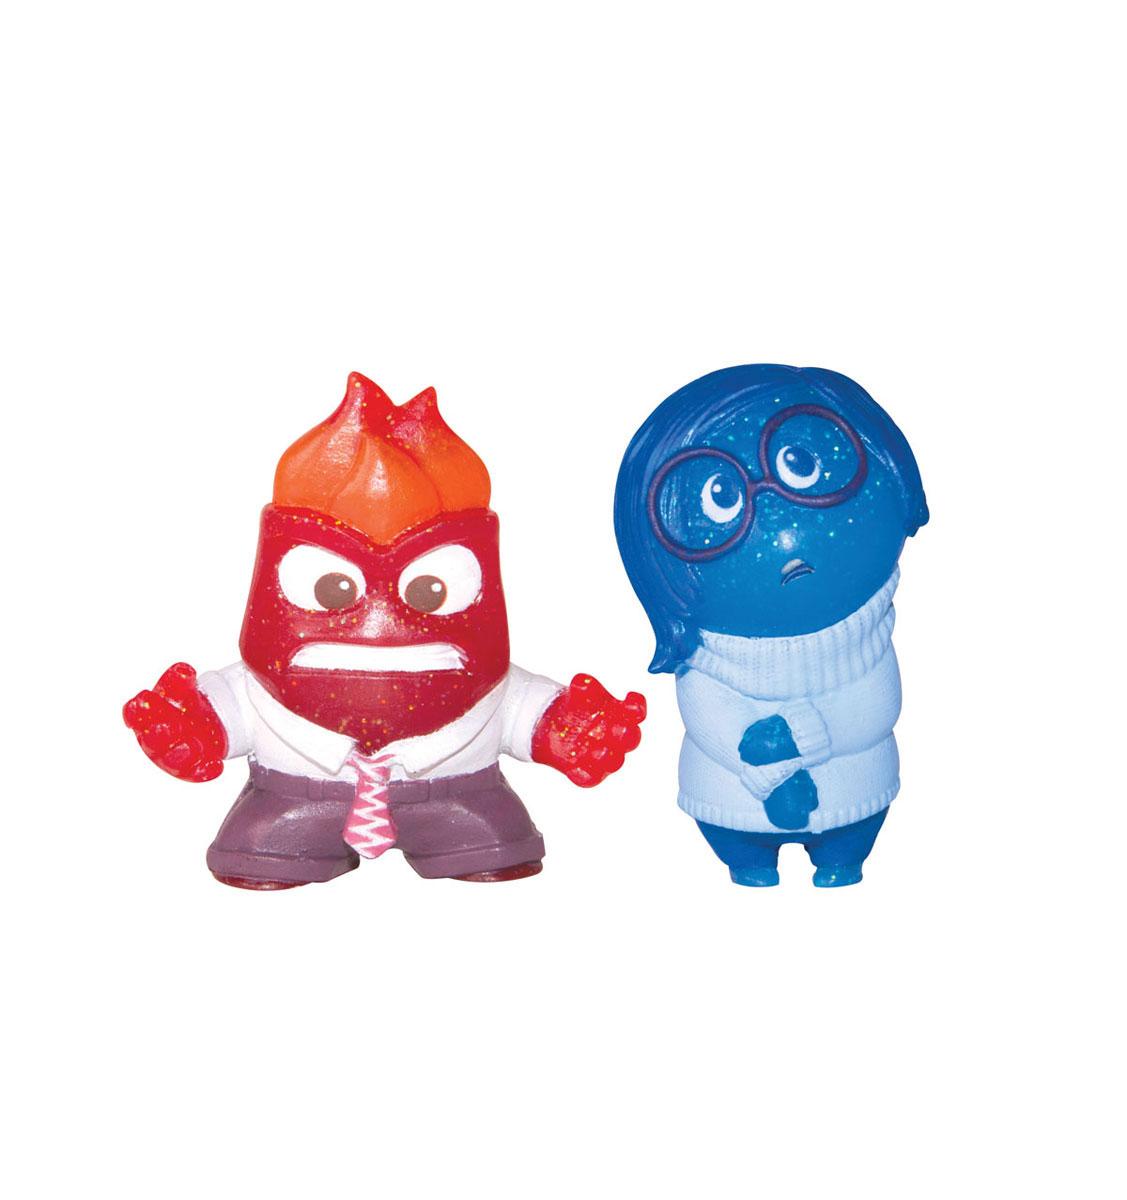 Набор фигурок Головоломка Печаль и Гнев61914_61418_Печаль+ГневНабор фигурок Головоломка Печаль и Гнев понравится вашему ребенку. В него входят две пластиковые фигурки в виде Печали и Гнева - персонажей мультфильма Головоломка. Благодаря маленьким размерам фигурок ребенок сможет брать их с собой на прогулку или в гости. Фигурки придутся по душе любому поклоннику популярного мультфильма Головоломка!